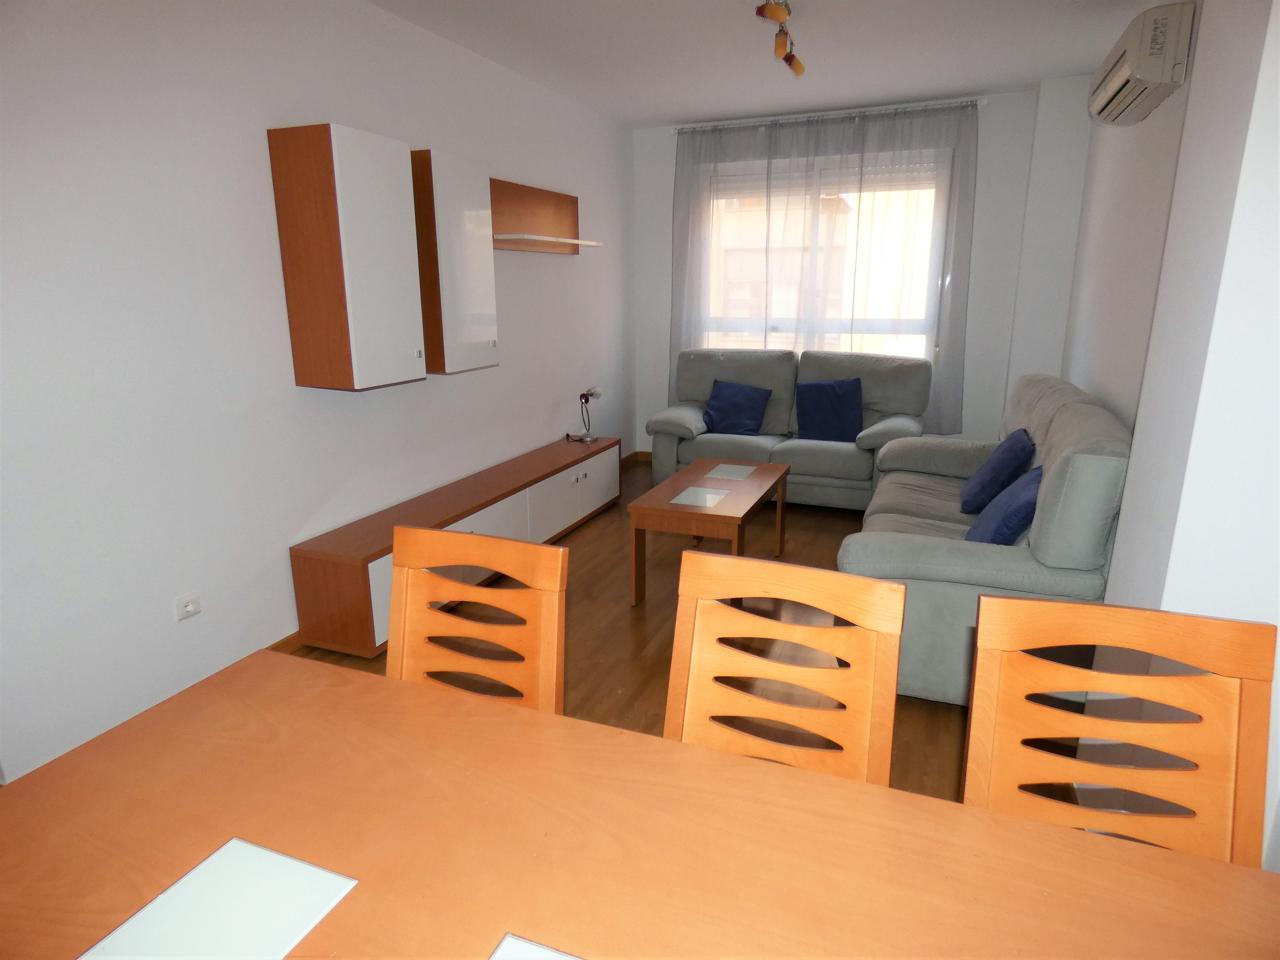 Fm gestiona piso en venta en valdemoro de 89 m2 - Pisos en venta en valdemoro particulares ...